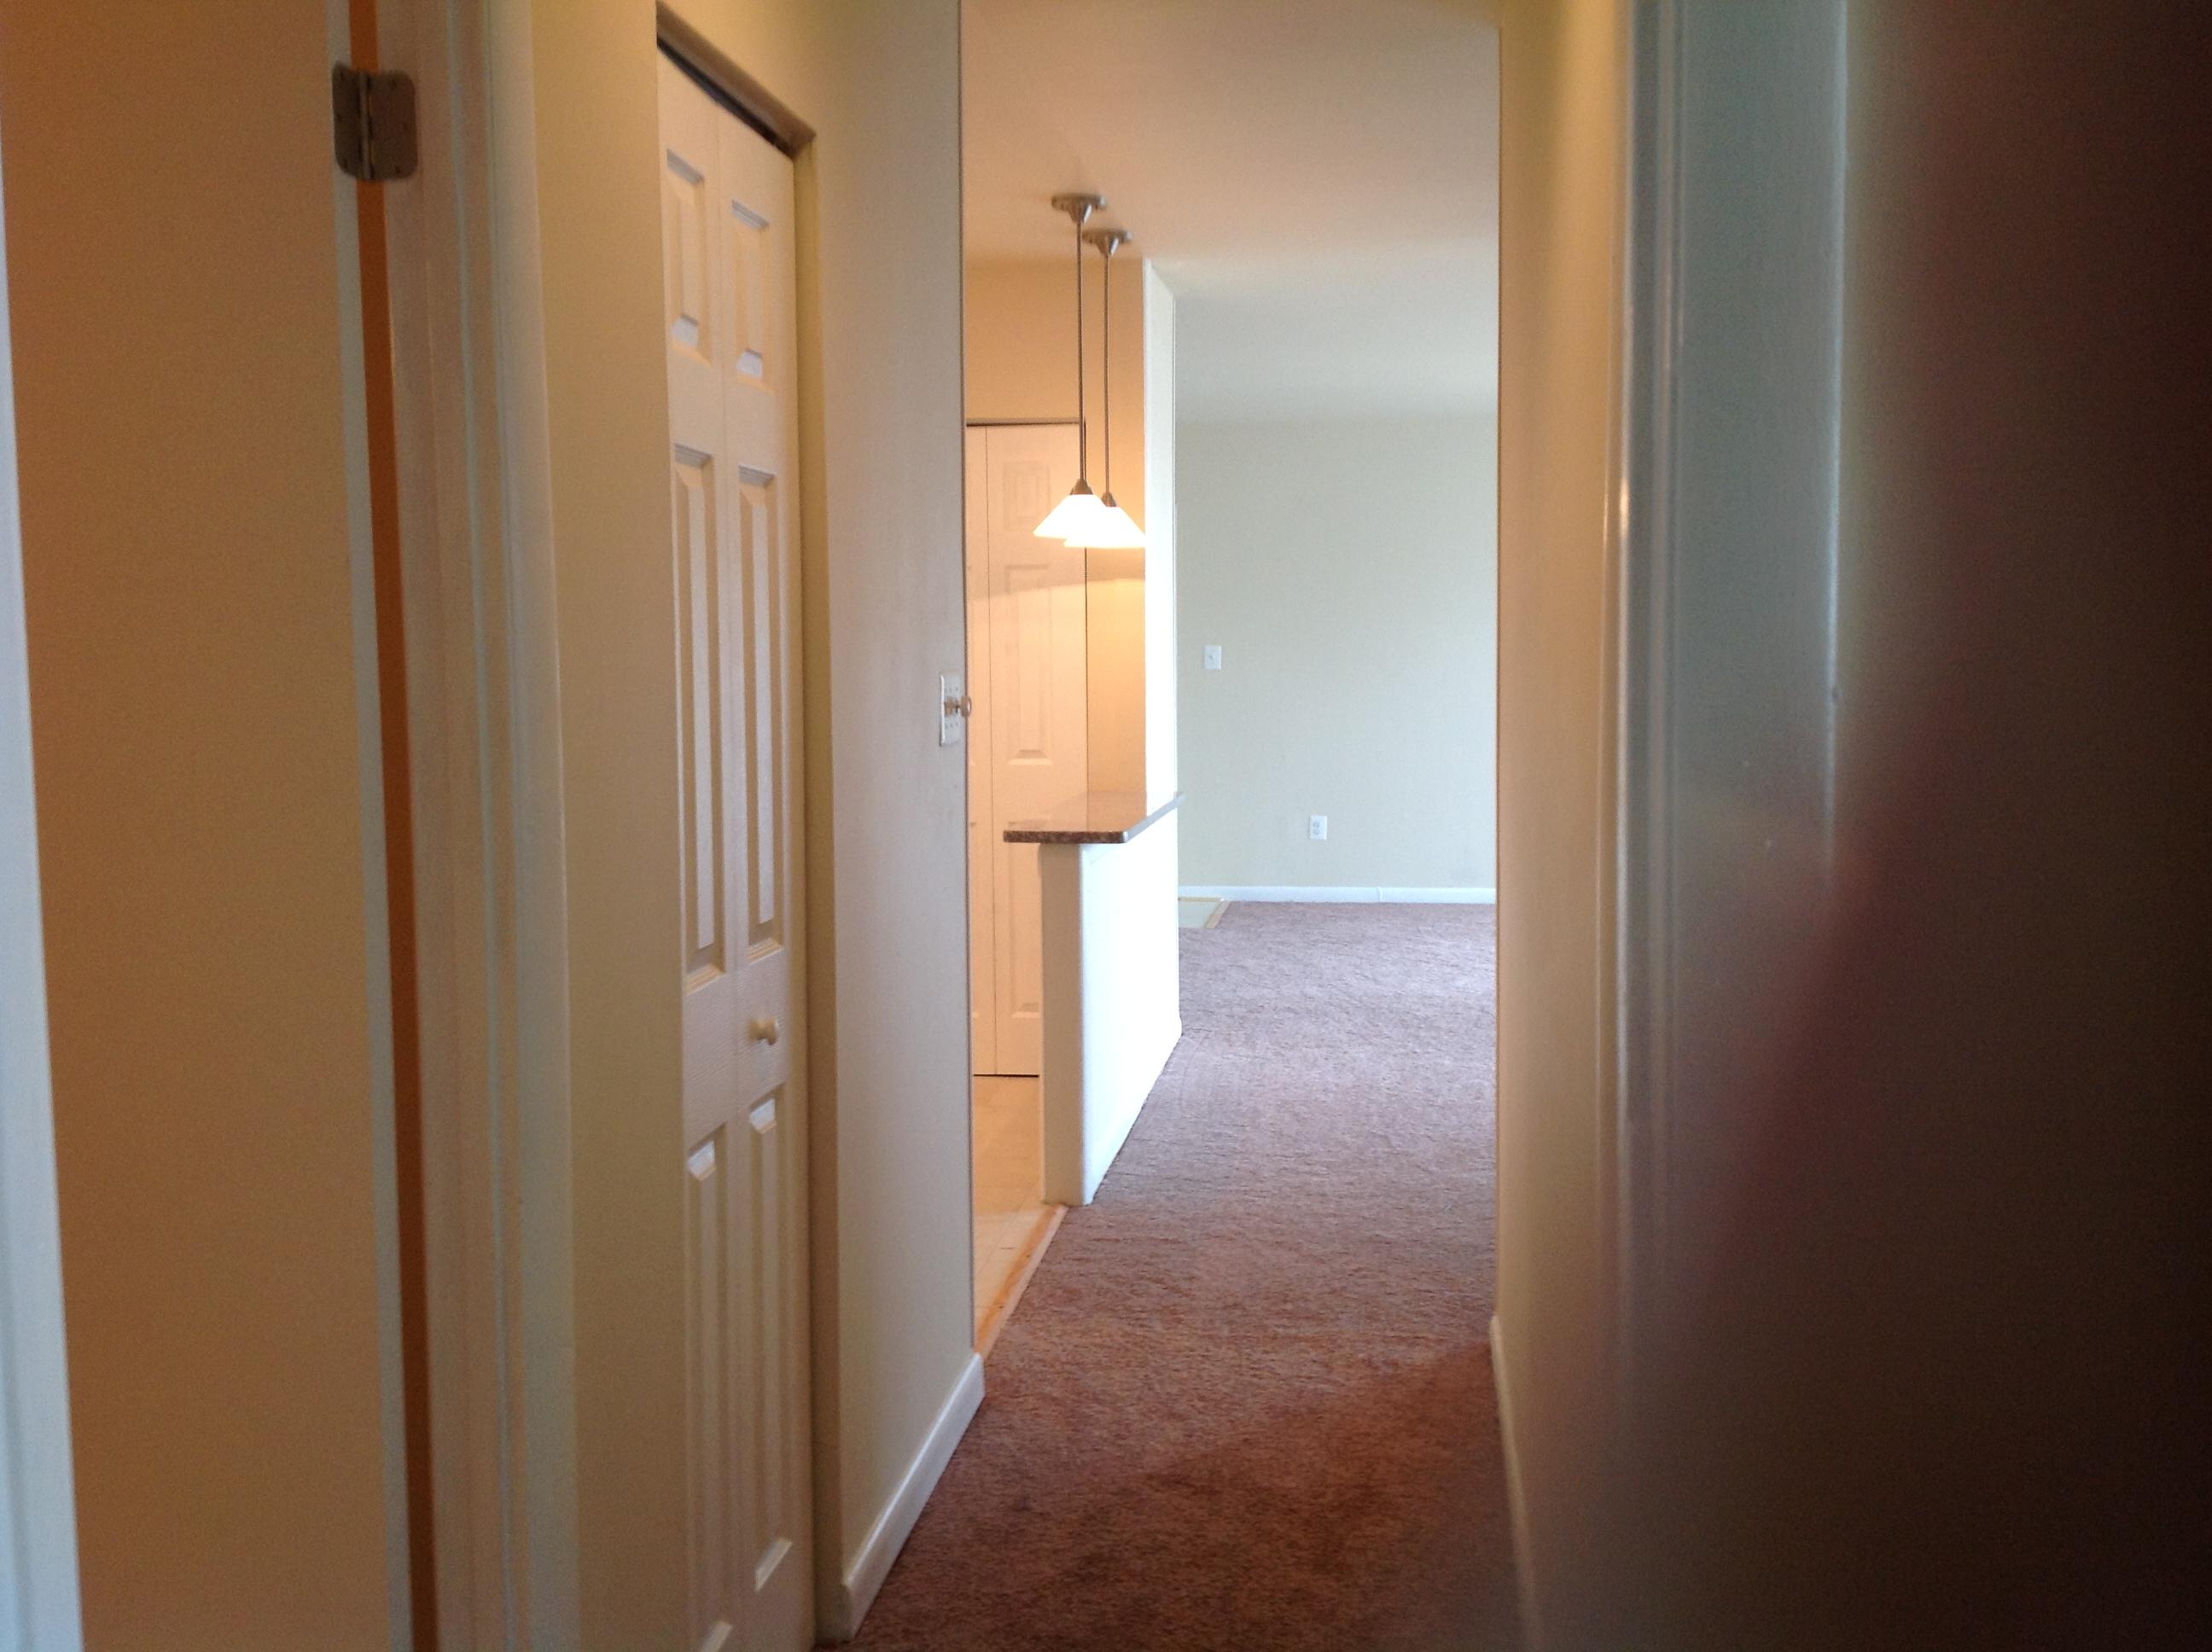 8404-101-Hallway-Area-1